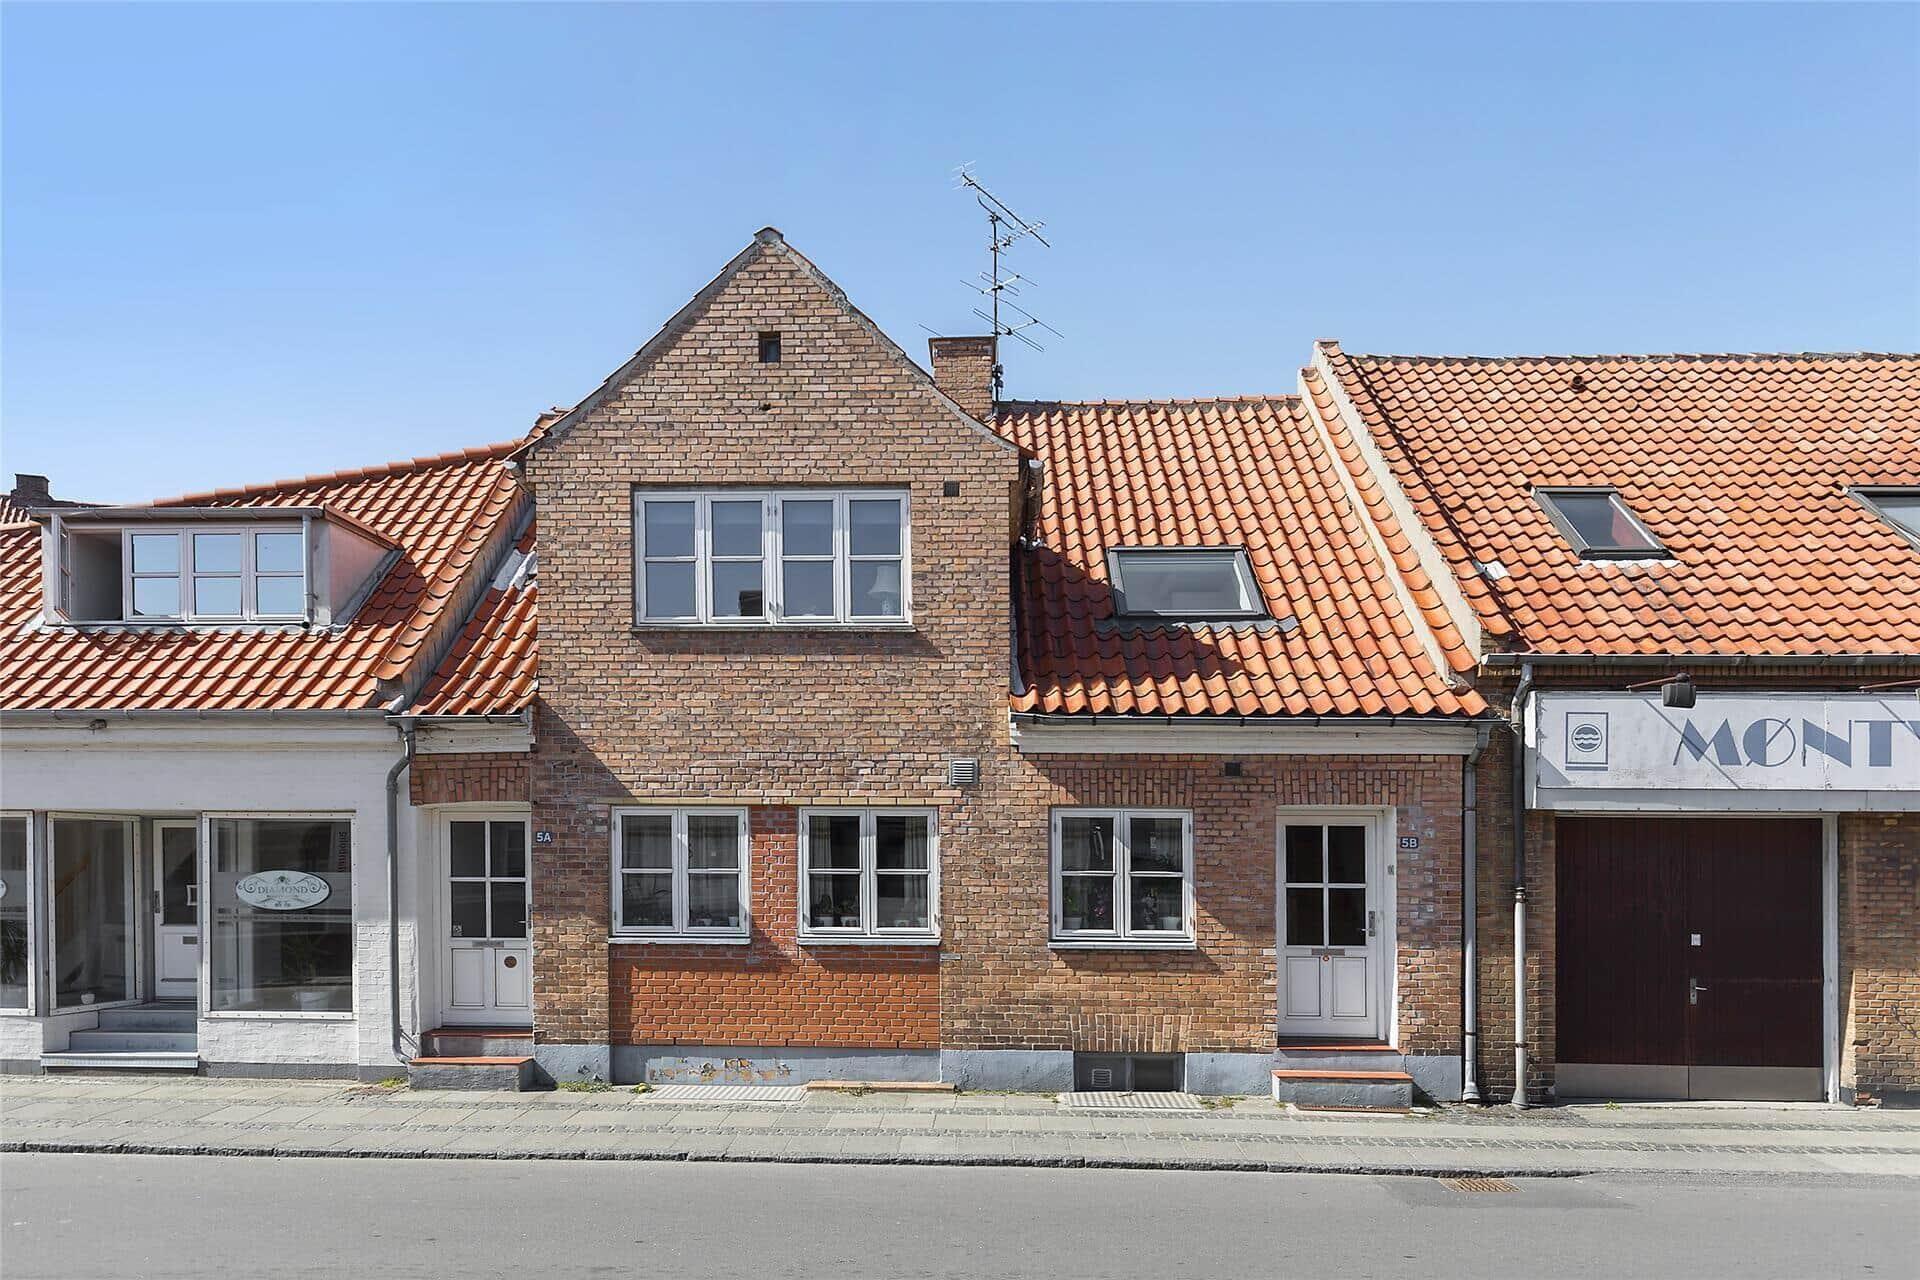 Billede 1-10 Sommerhus 9501, Nørregade 5, DK - 3700 Rønne